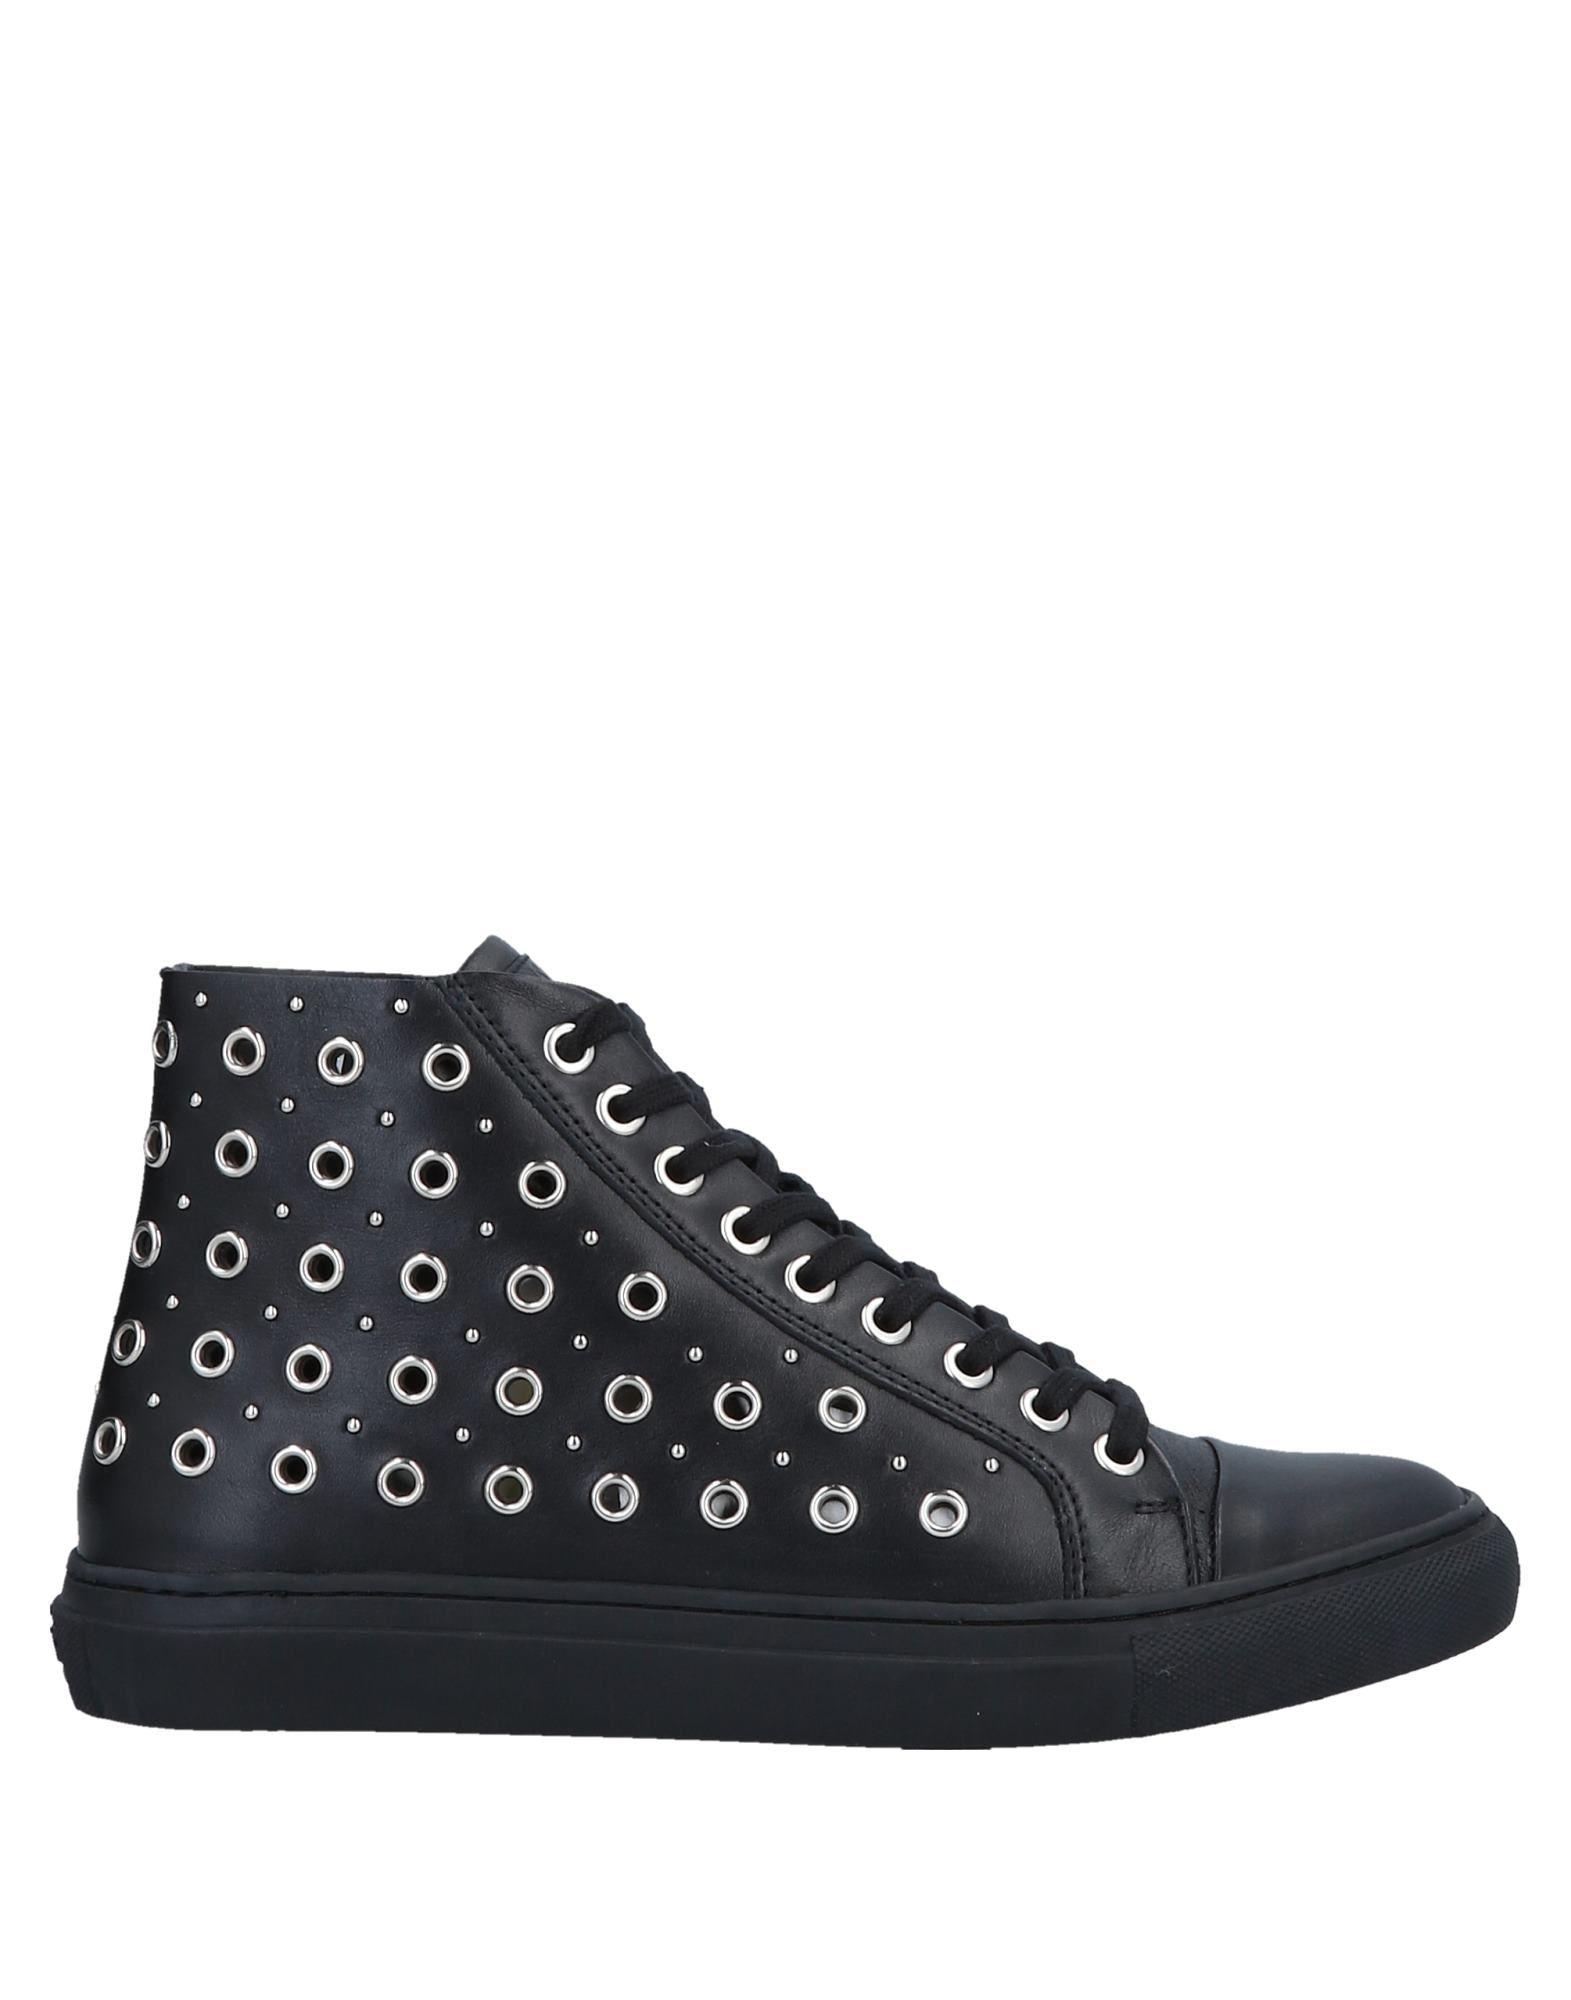 Rabatt Schuhe Versus 11564579HB Versace Sneakers Damen  11564579HB Versus 8c245d